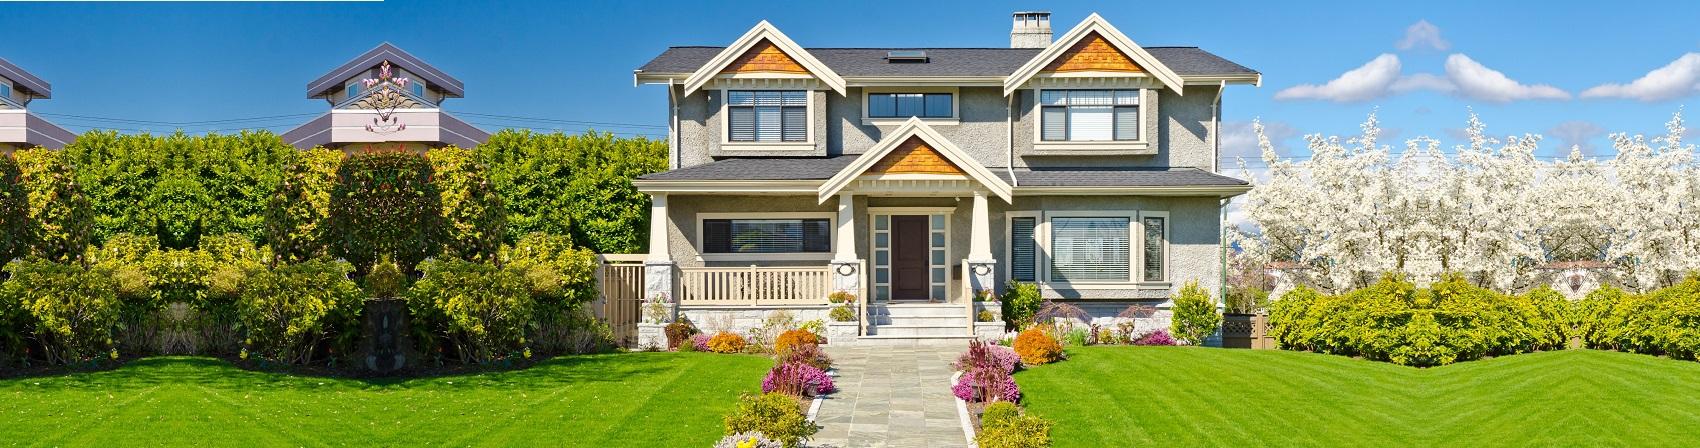 originál-kanadské-dřevostavby-a-rodinné-domy-gemivo2